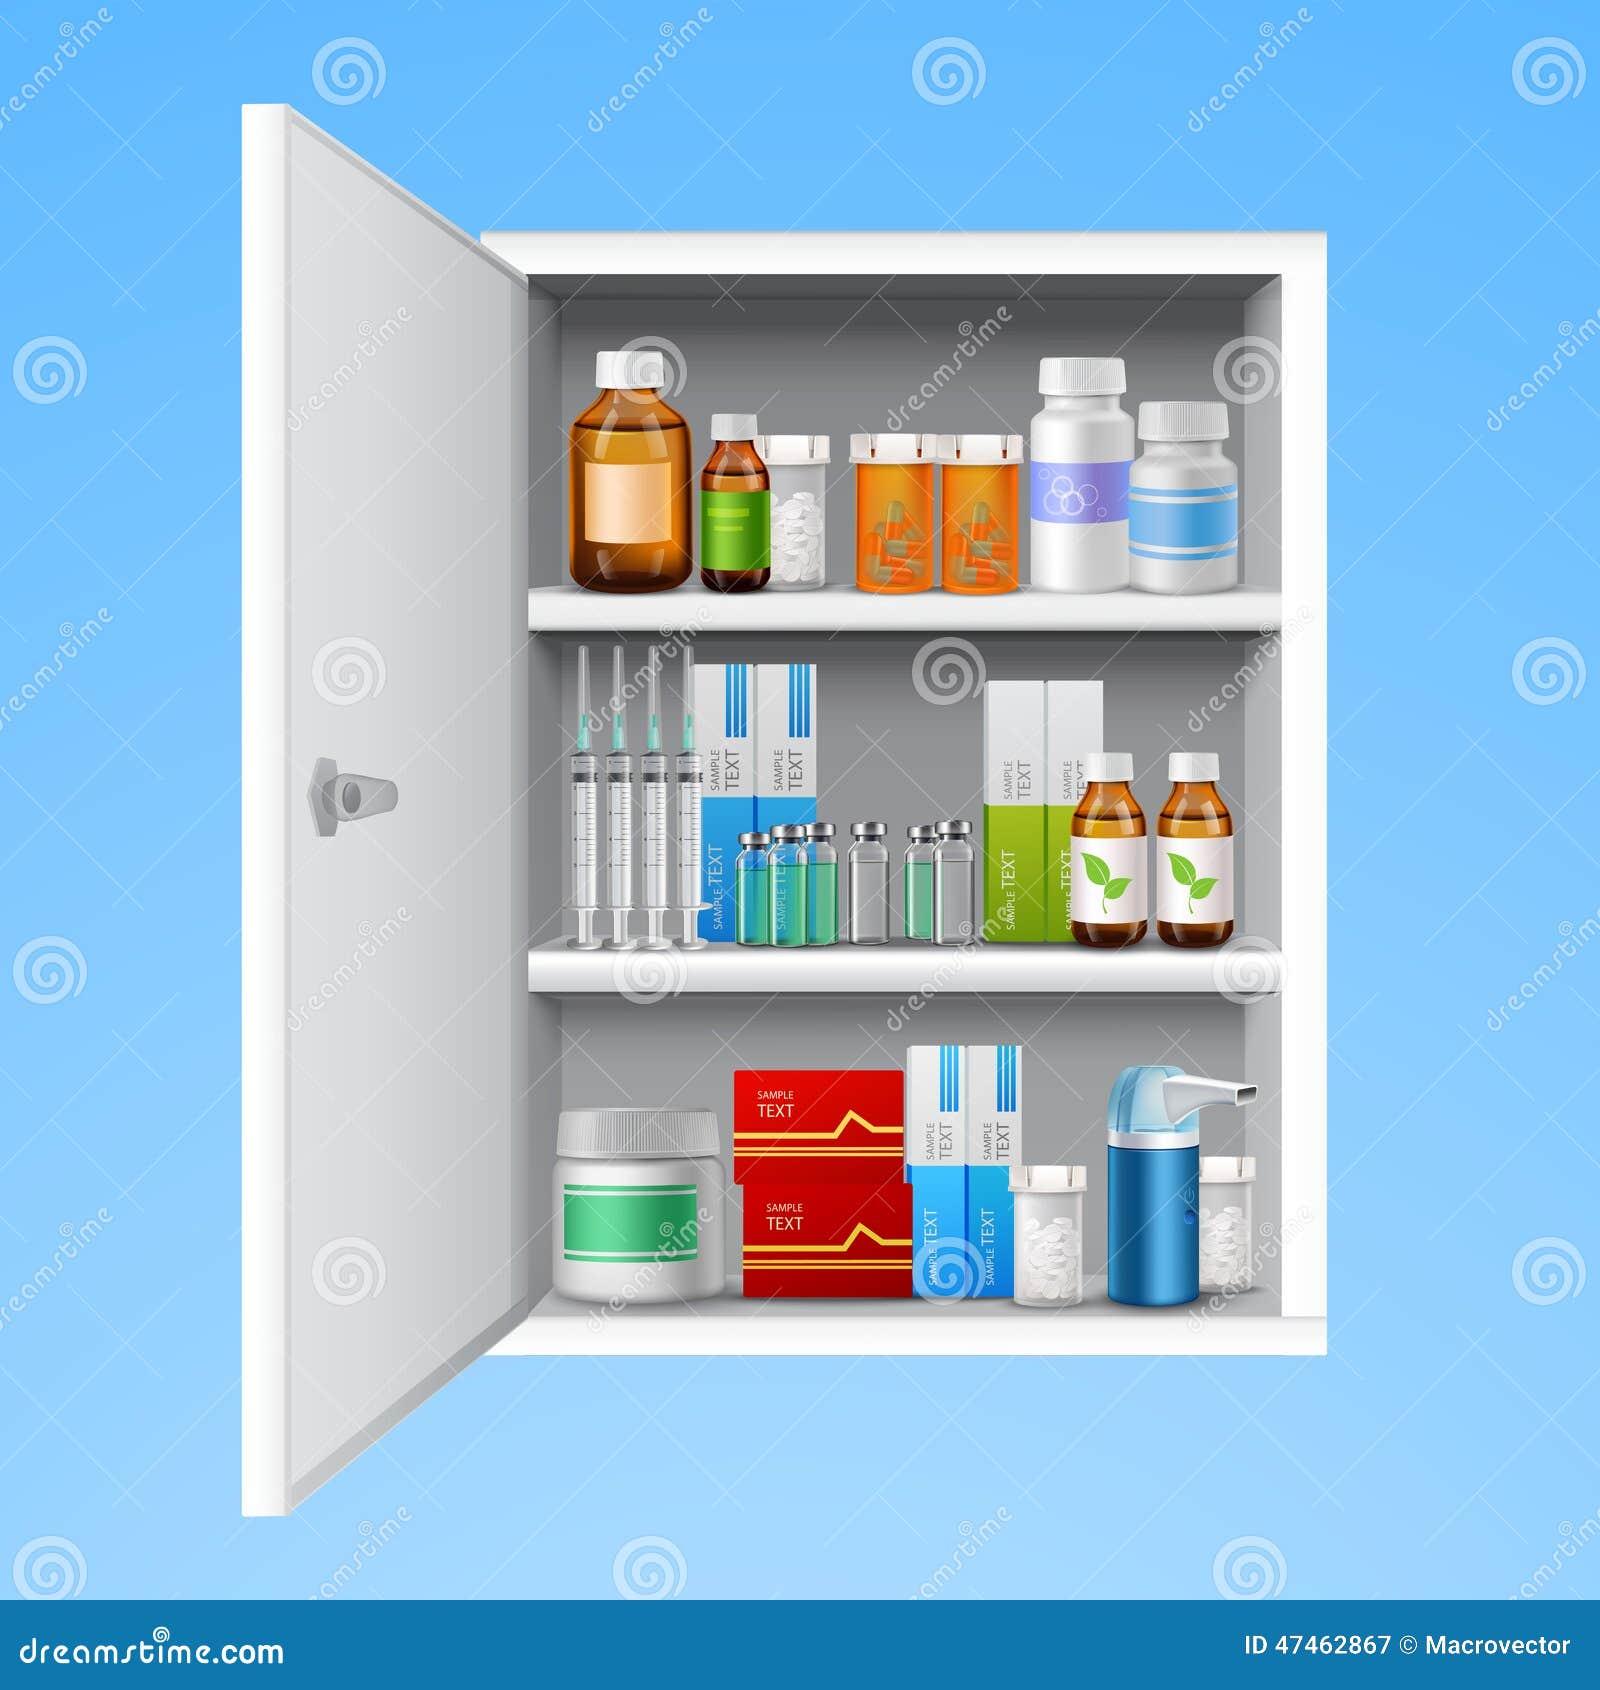 arzneischrank realistisch vektor abbildung bild 47462867. Black Bedroom Furniture Sets. Home Design Ideas